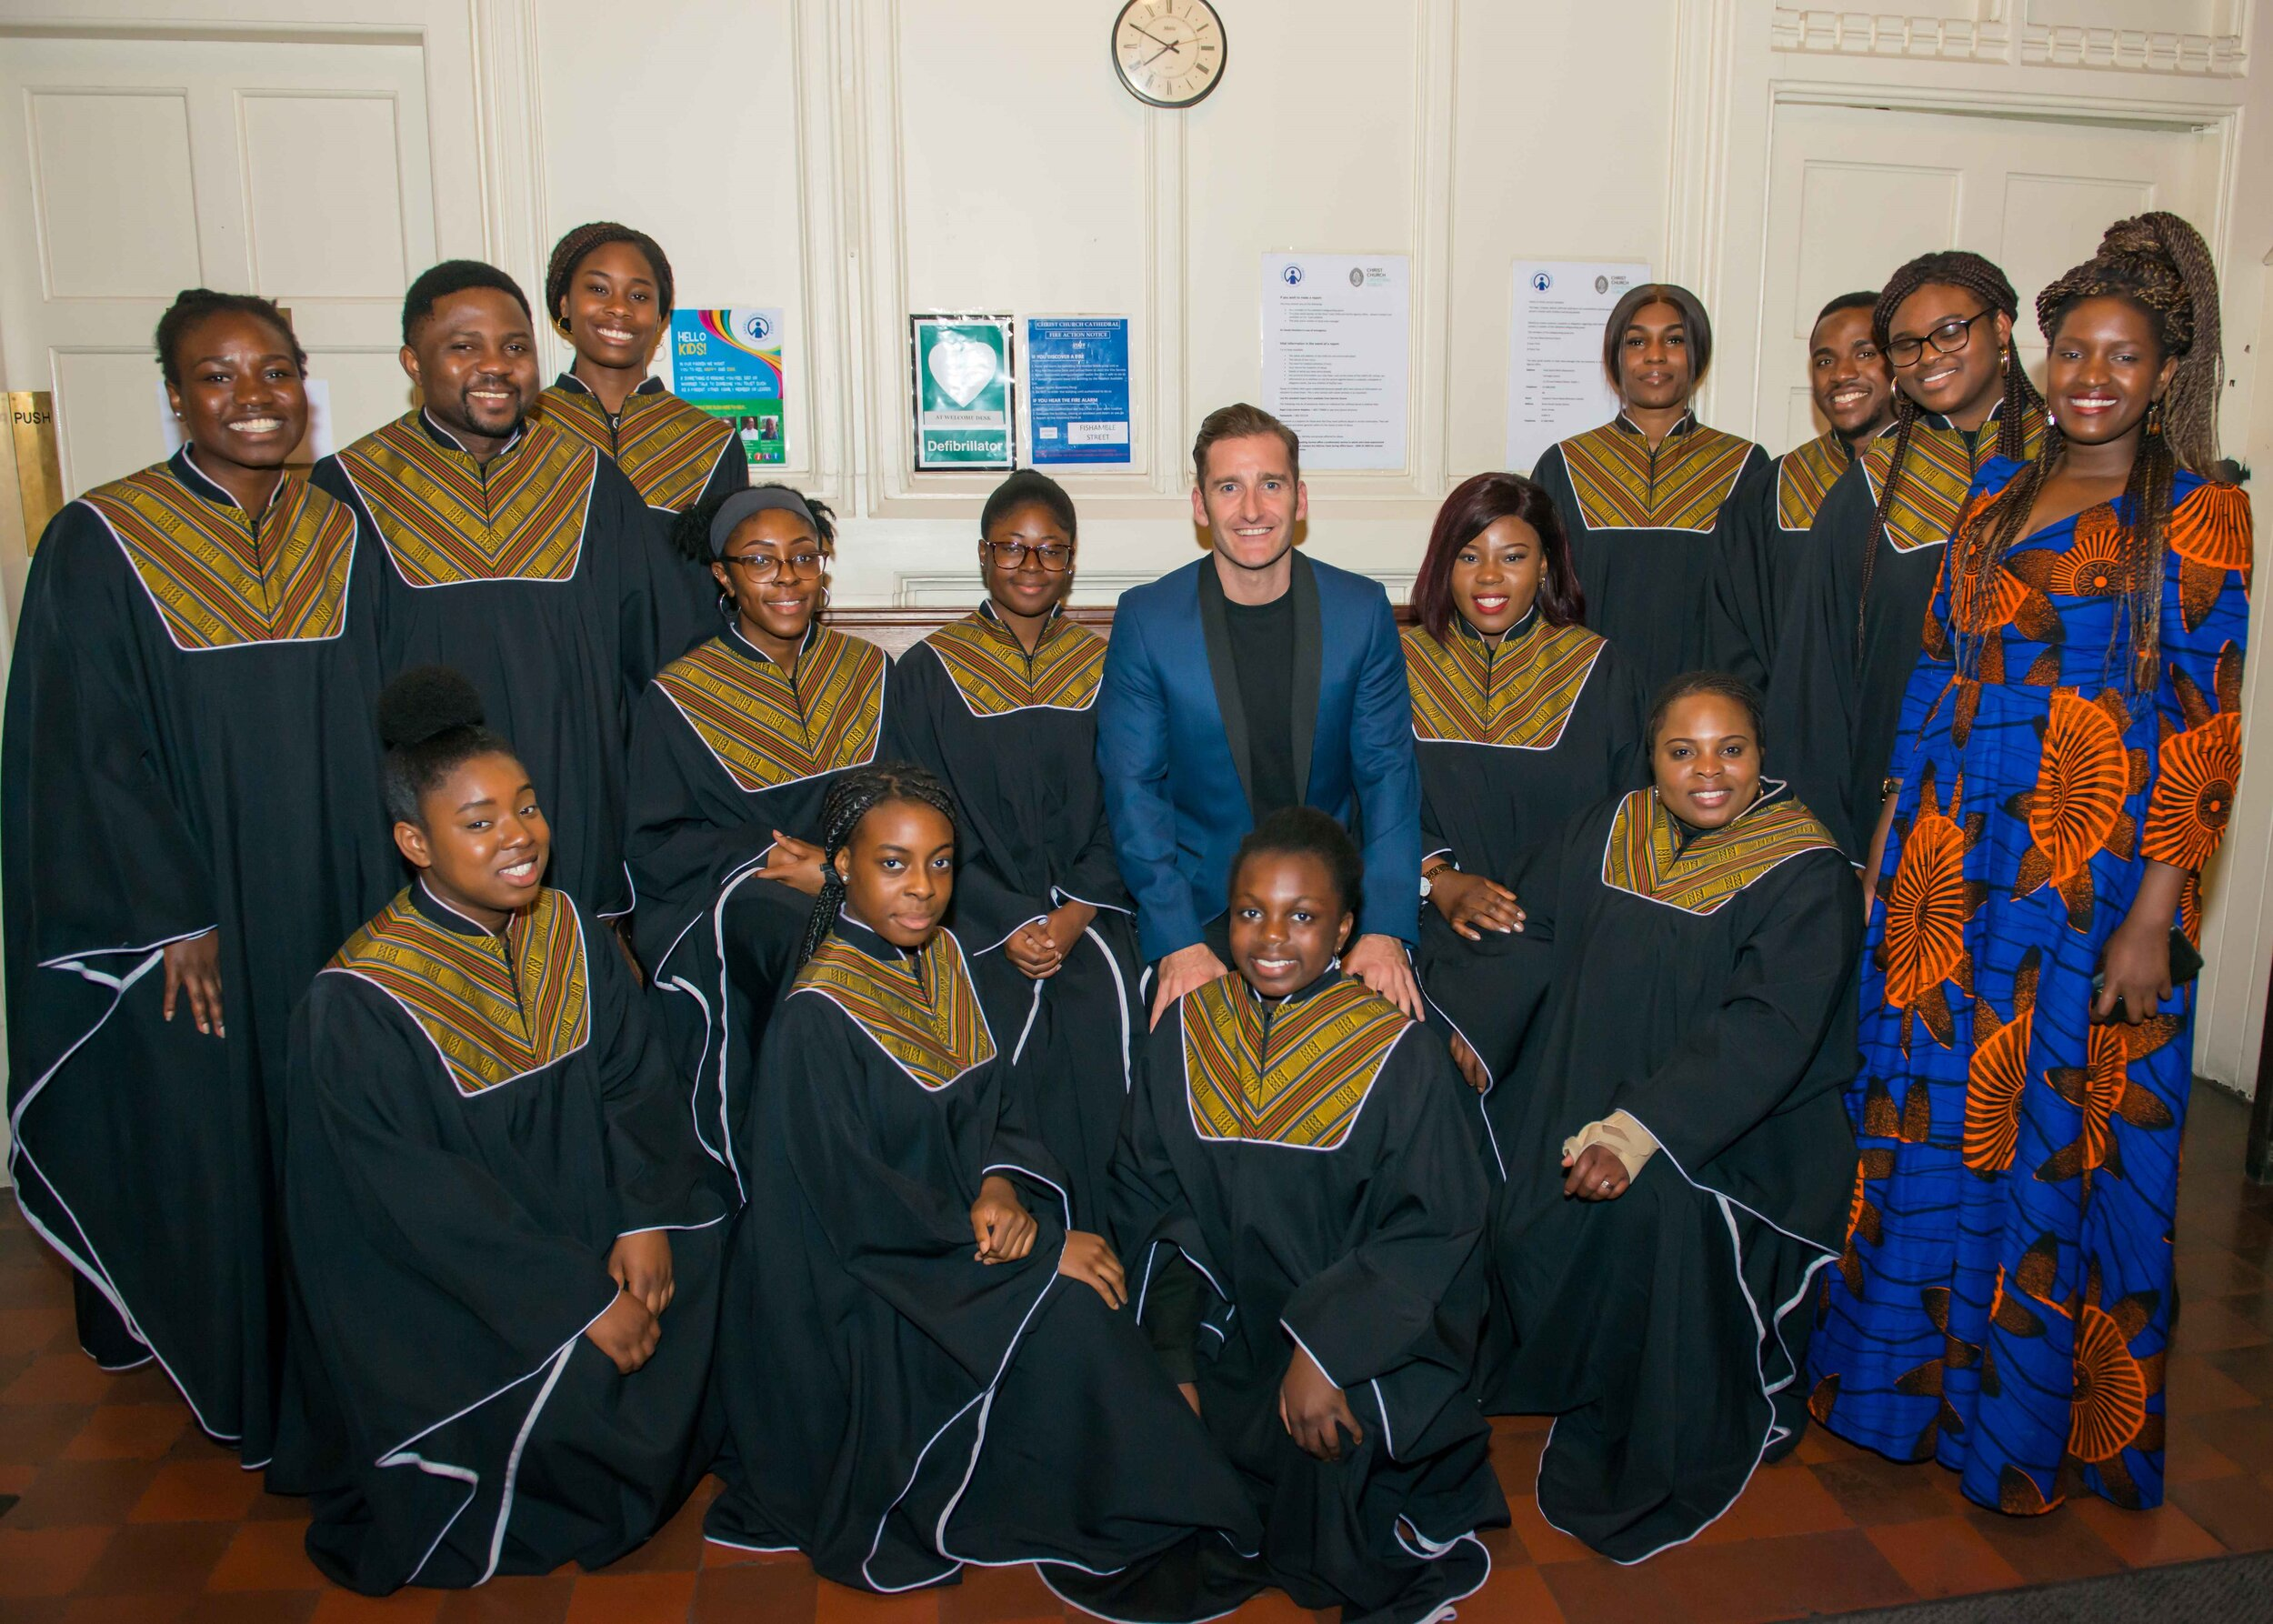 Concert in the Dark_Paul Byrom, Justine Nantale and African Gospel Choir Dublin.jpg